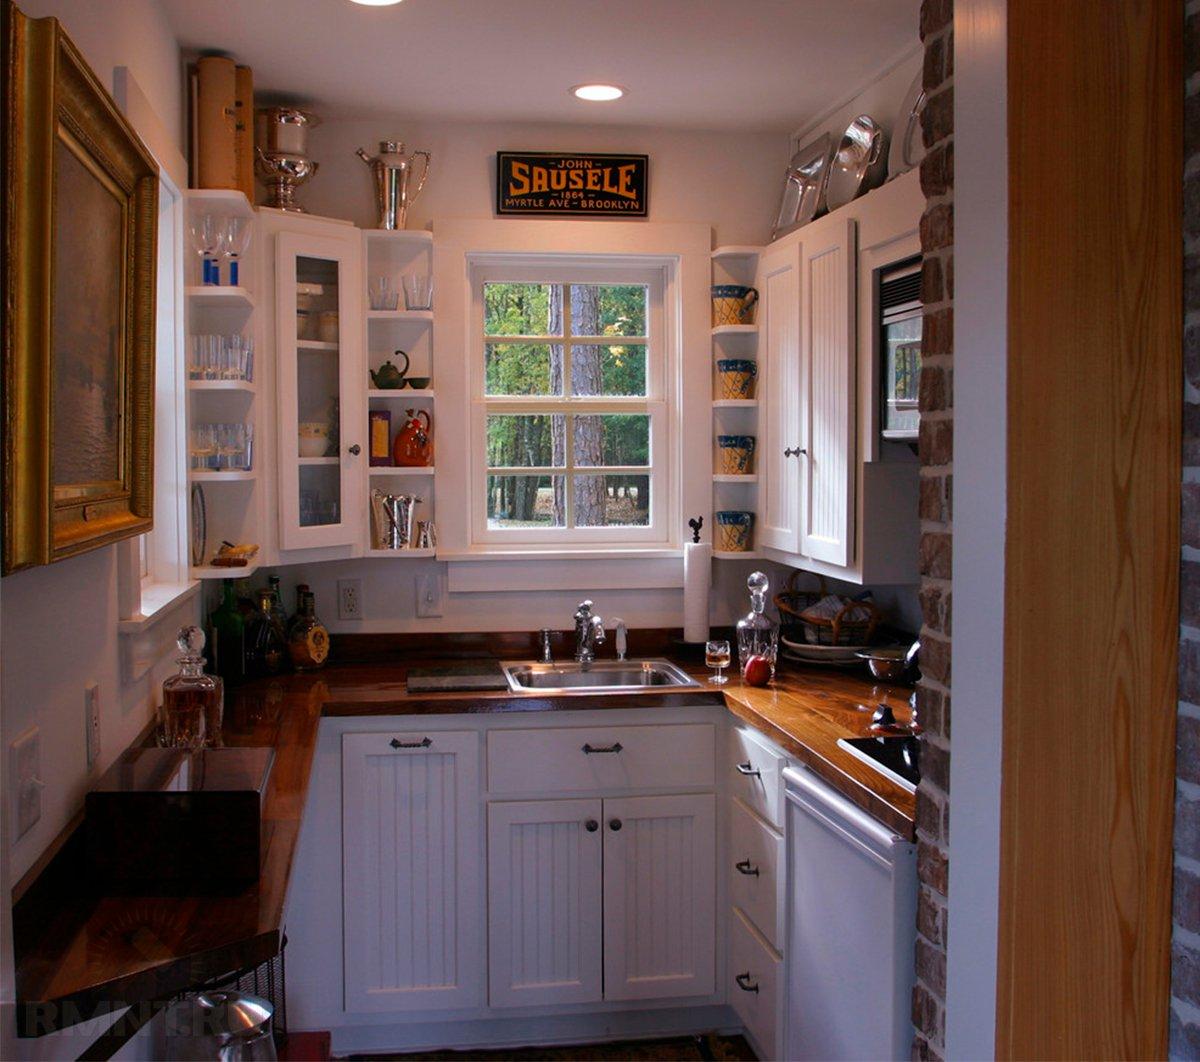 Кухни спутник стиль винтаж фото впишутся